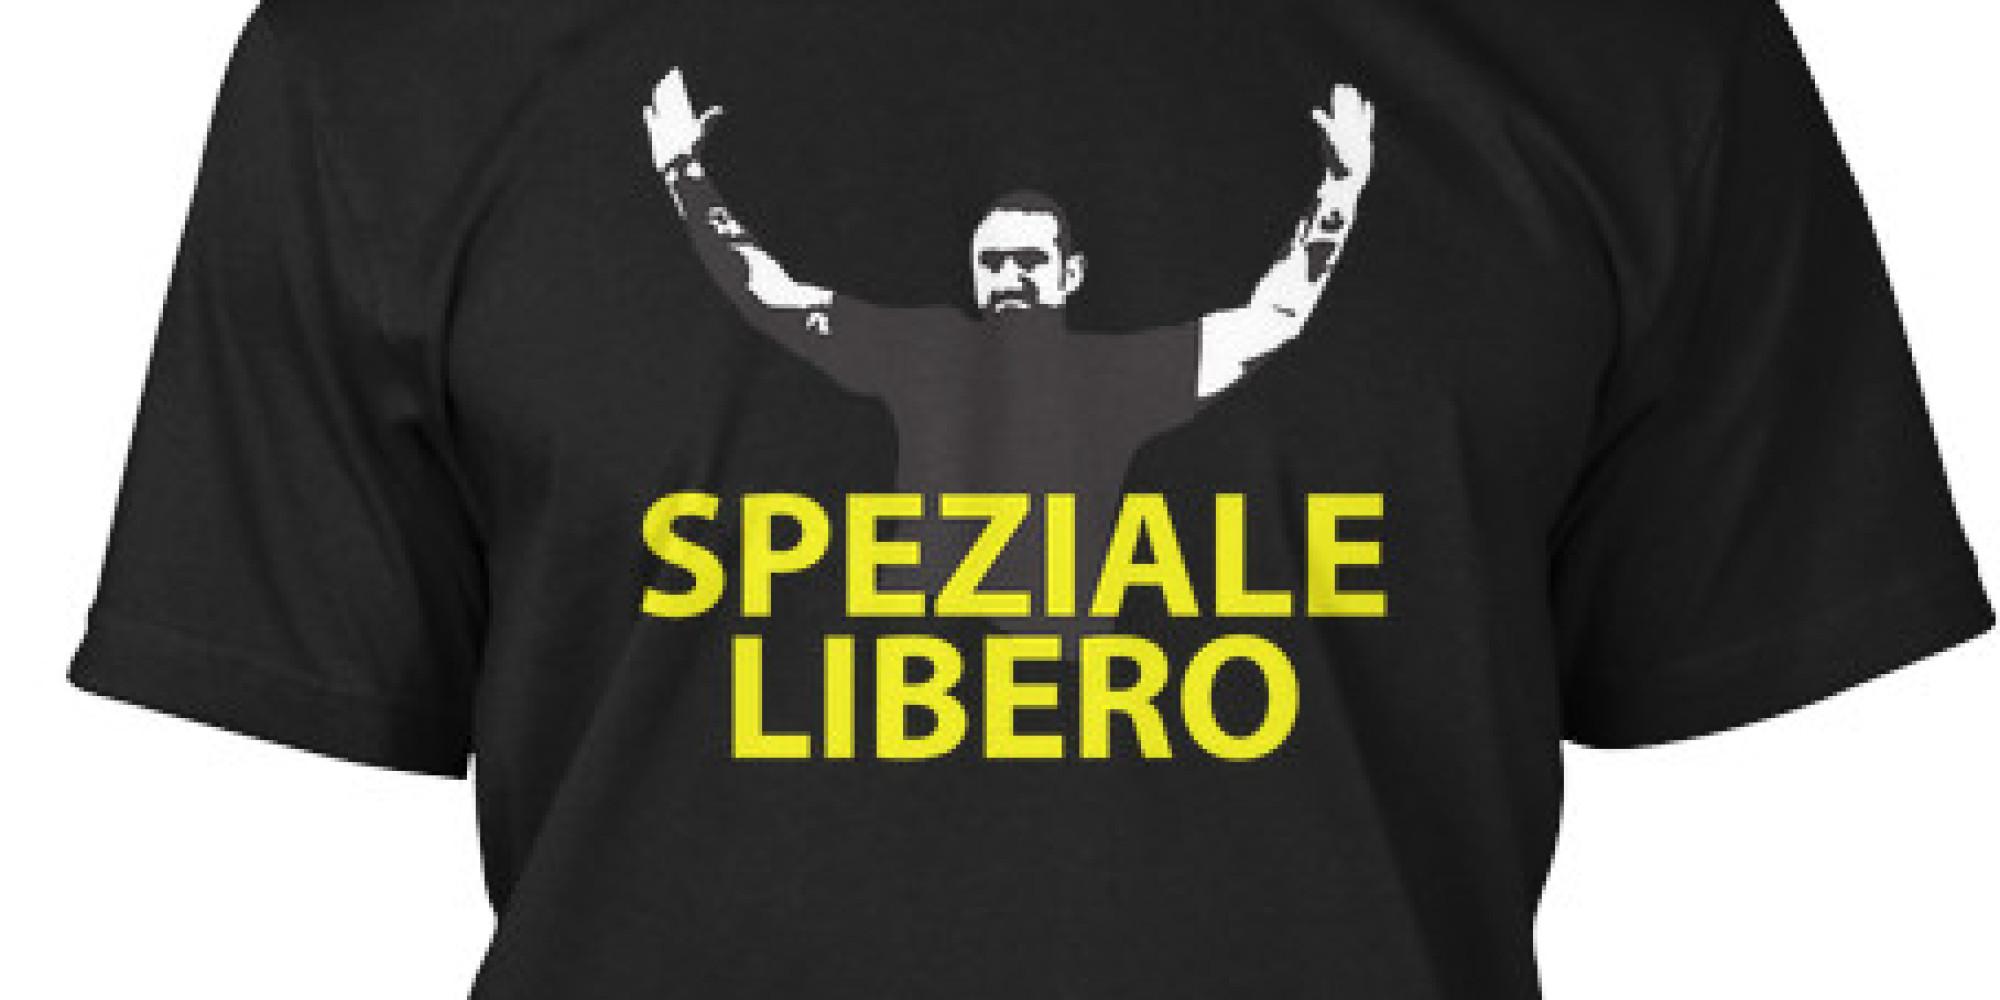 """Sul web in vendita la maglietta """"Speziale libero"""" di Genny 'a carogna"""